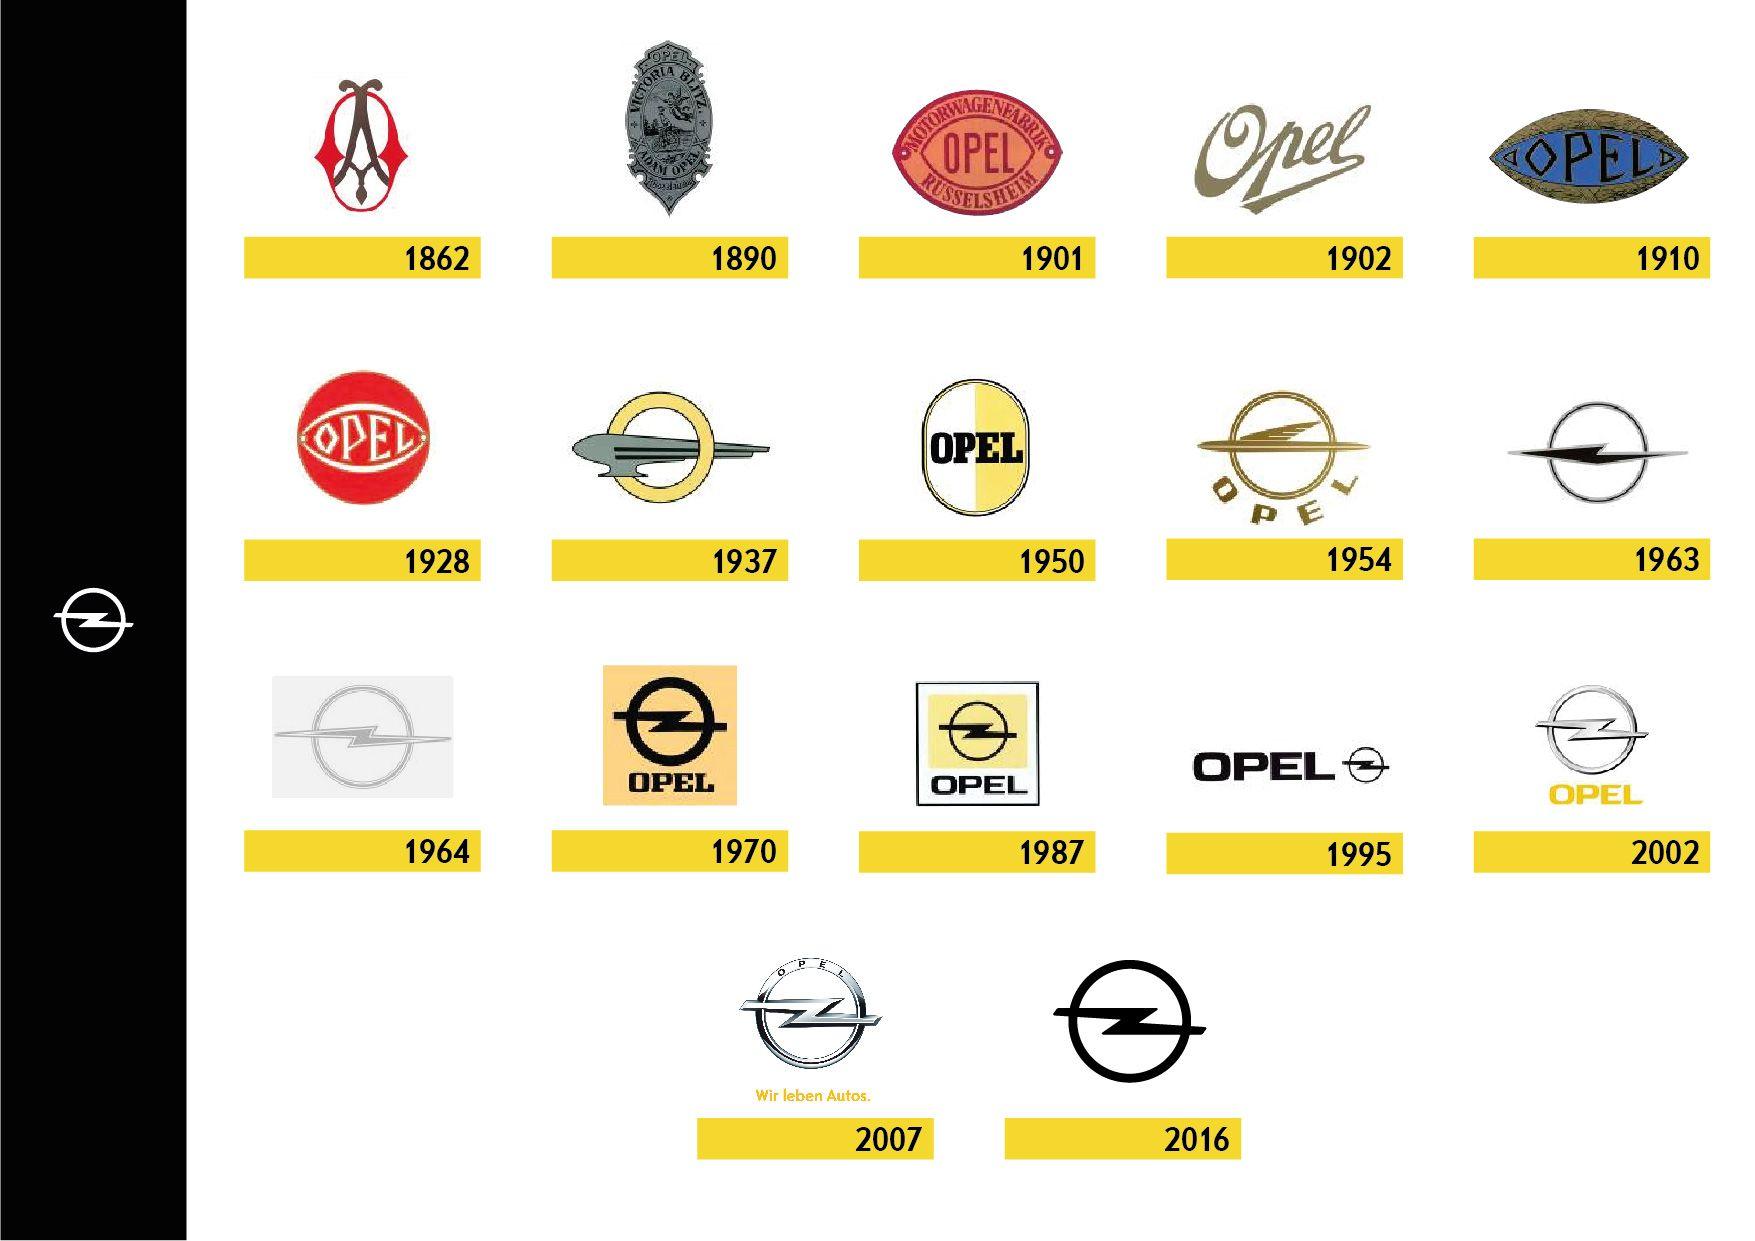 La historia del logo de Opel: de un ojo a un zepelín, hasta convertirse en el popular y dinámico rayo que ha llegado hasta nuestros días.